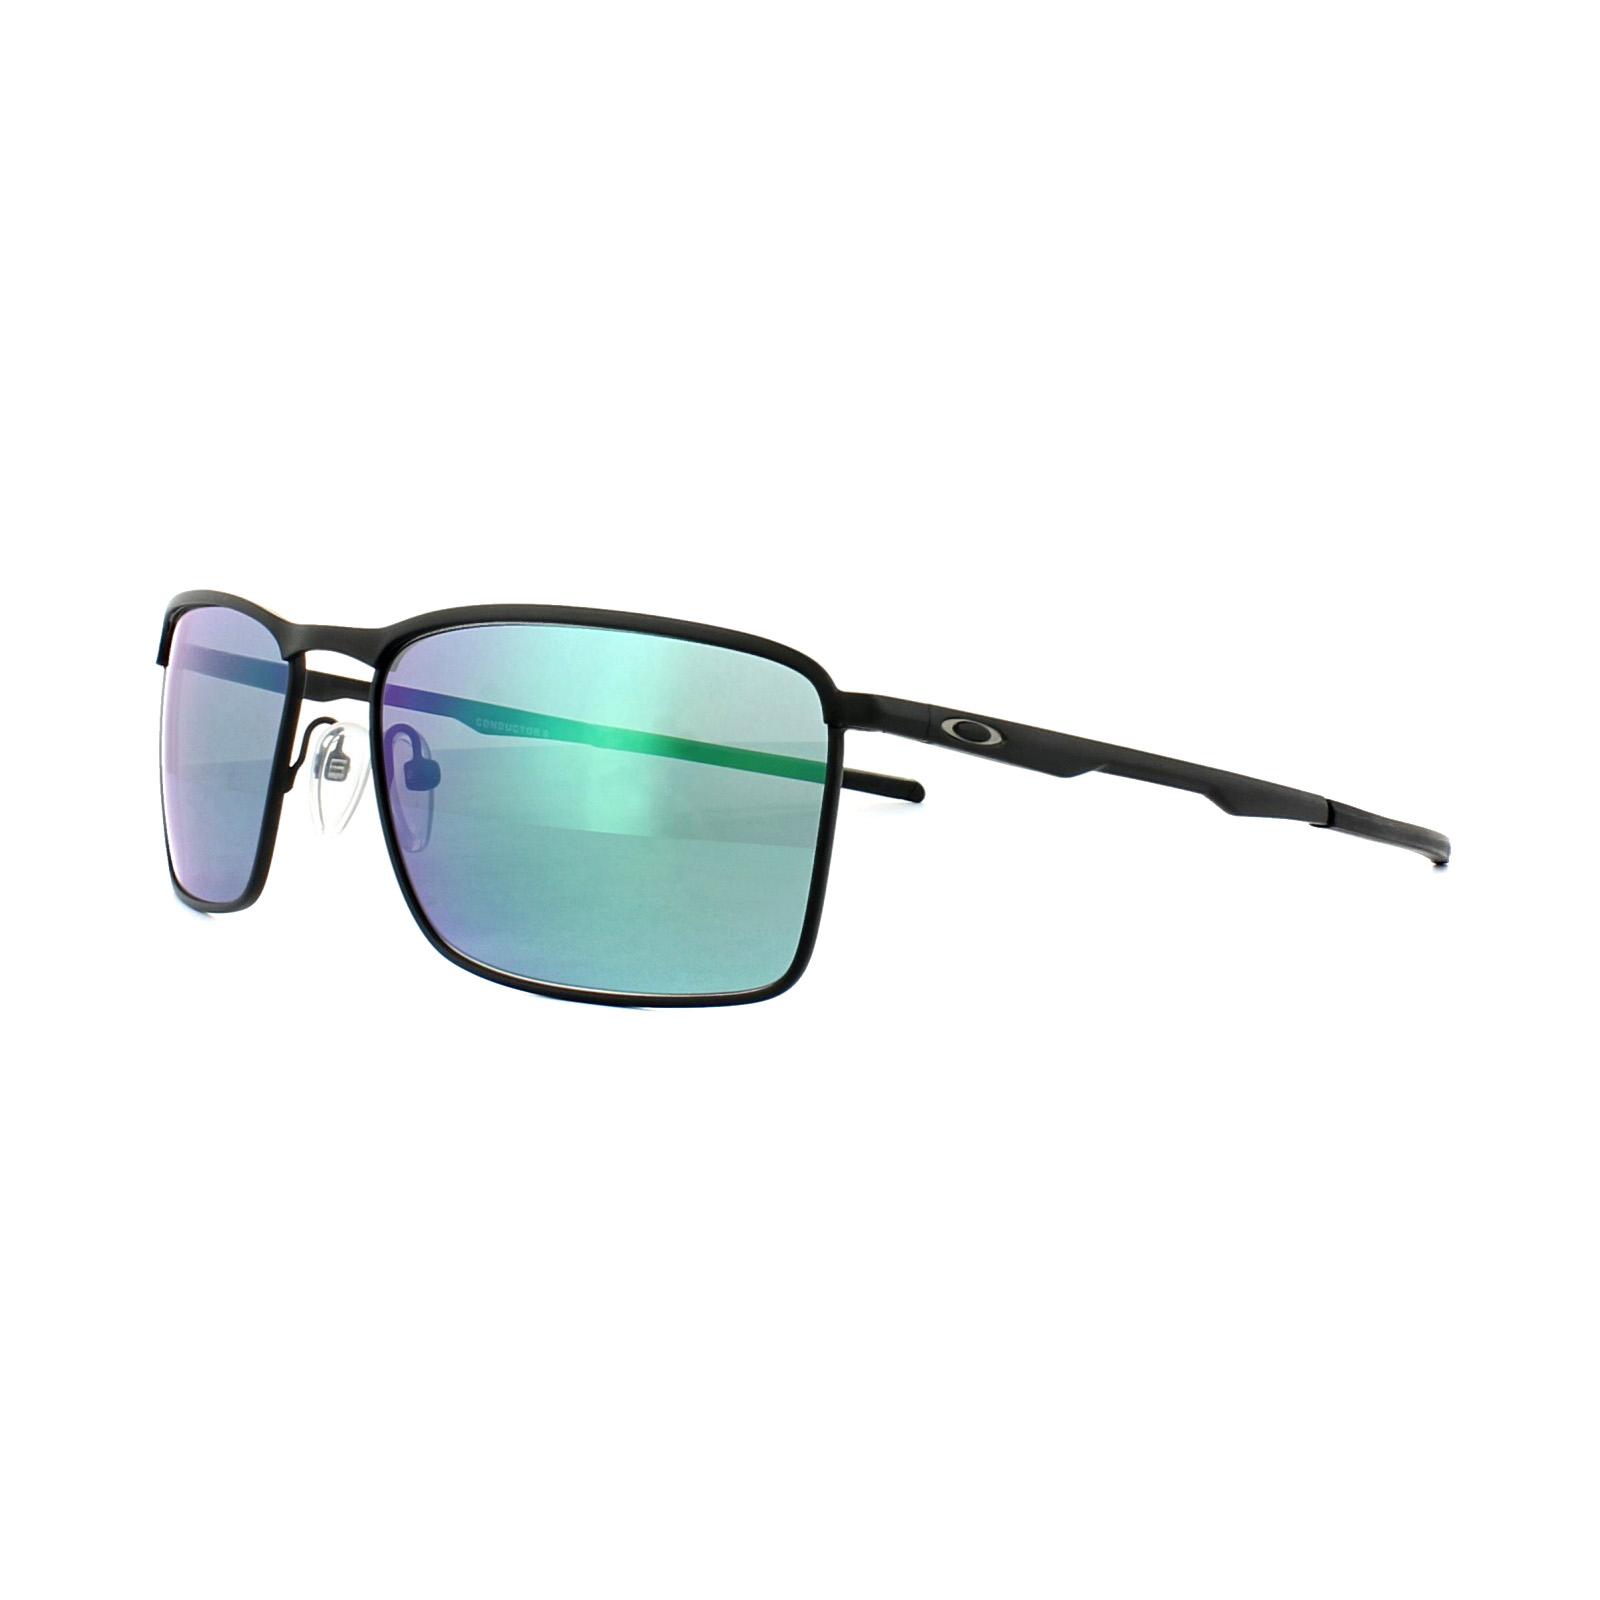 Oakley Thinlink Matte Black Jade Iridium Schwarz/Grün 5n84VaW